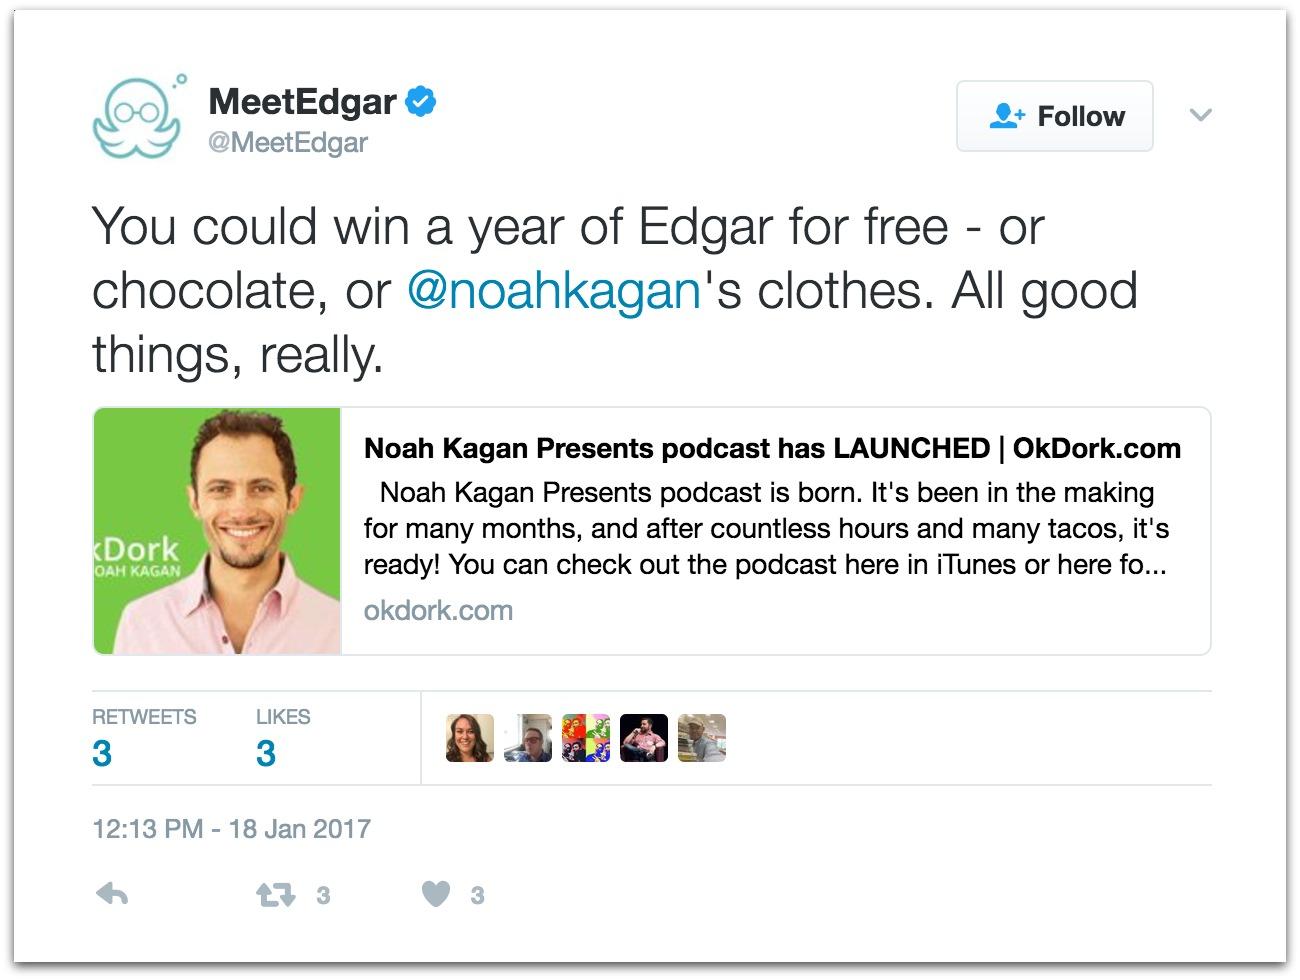 meetedgar tweet